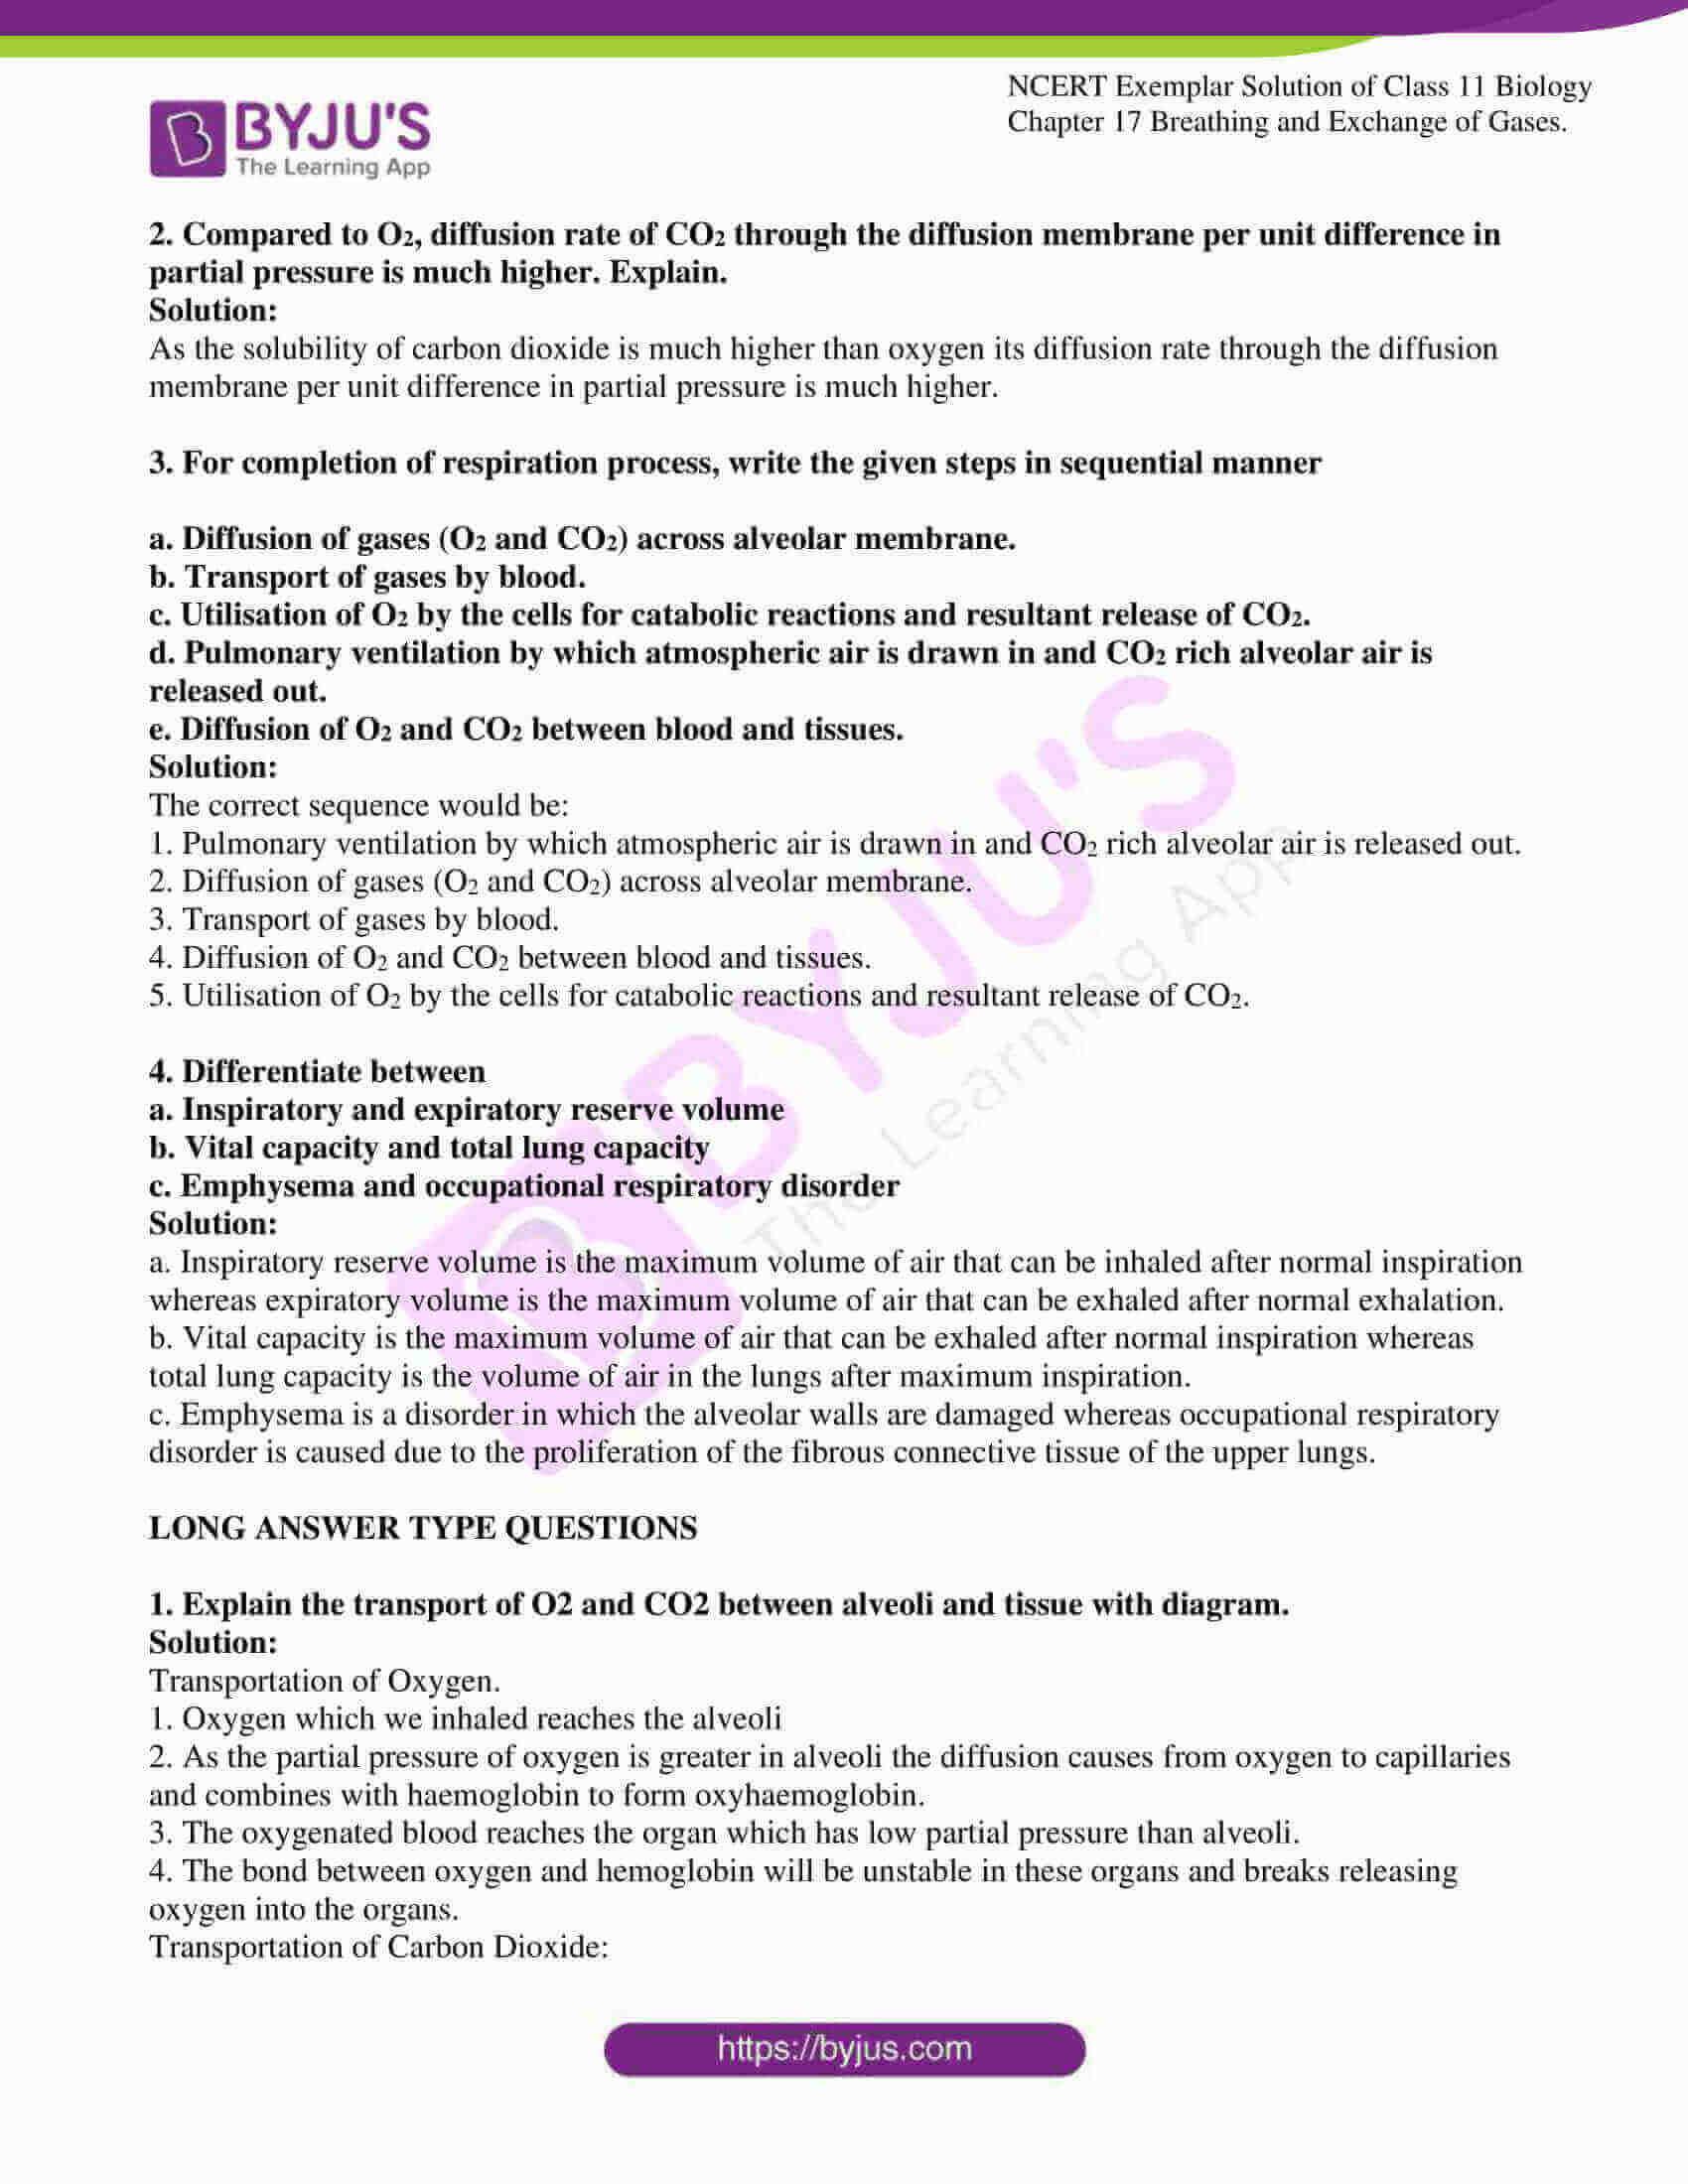 ncert exemplar solutions class 11 biology chapter 17 6